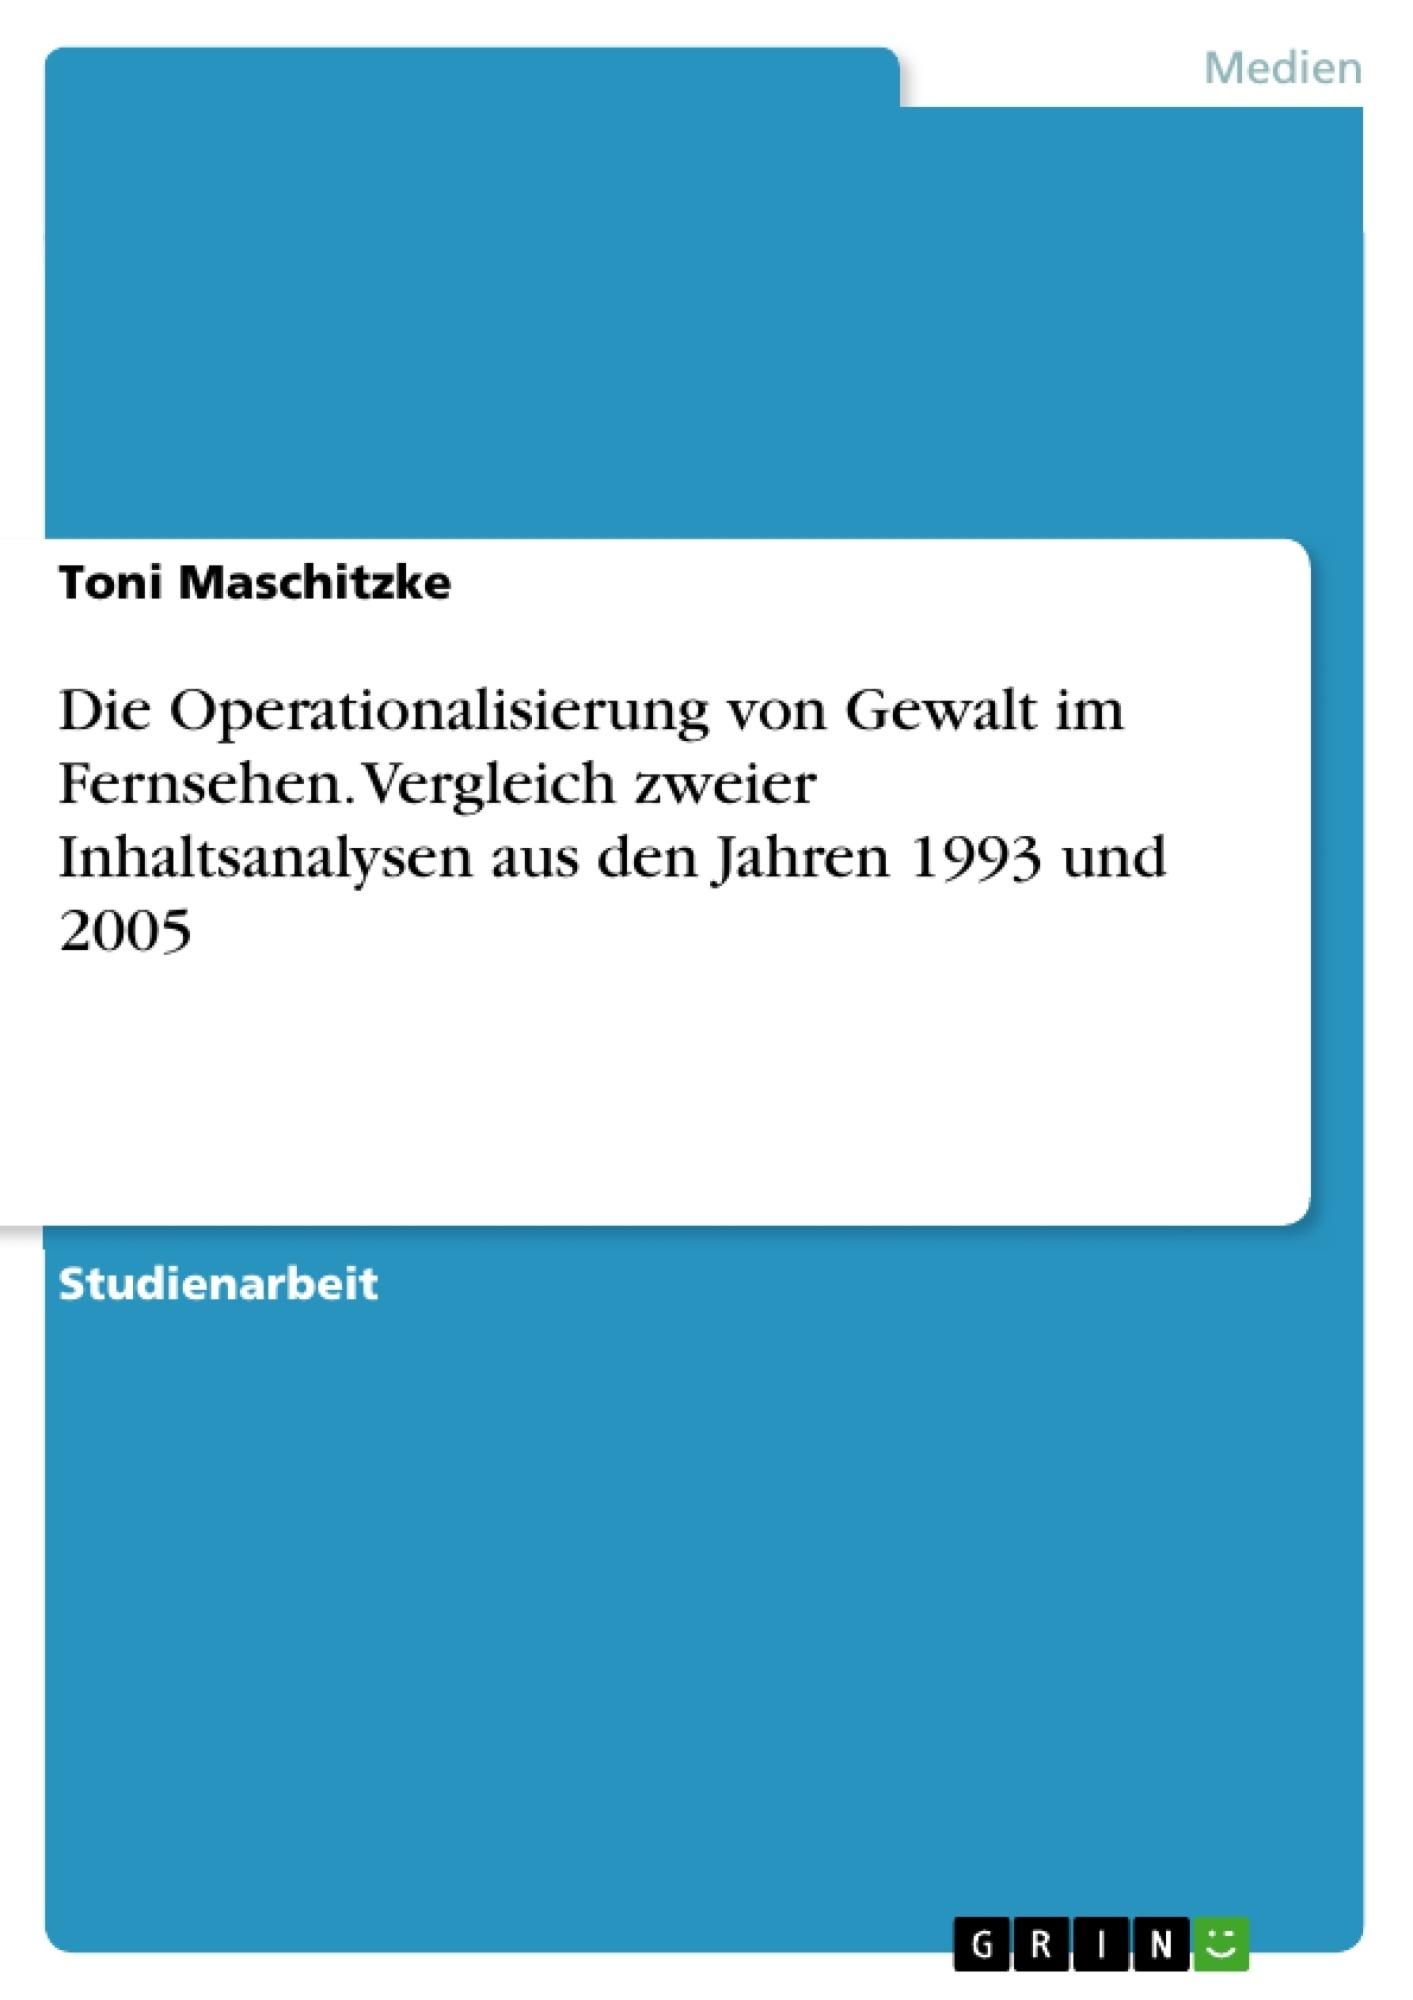 Titel: Die Operationalisierung von Gewalt im Fernsehen. Vergleich zweier Inhaltsanalysen aus den Jahren 1993 und 2005